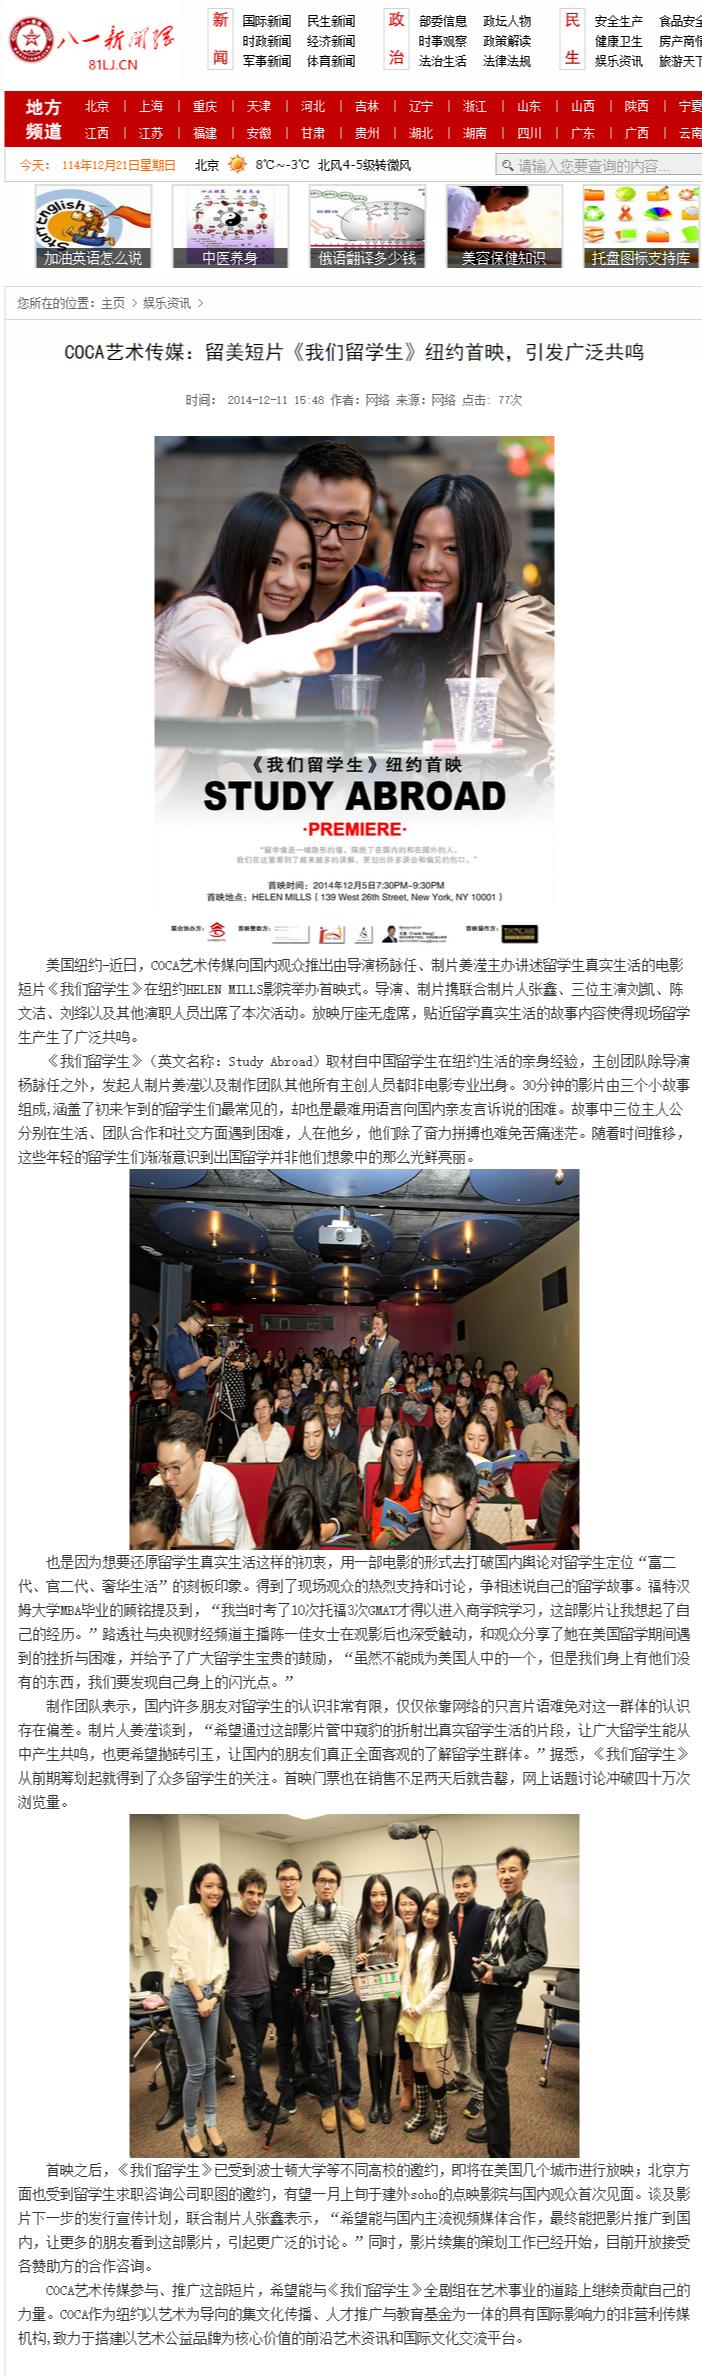 《八一新闻网》 2014年12月11日2014报道